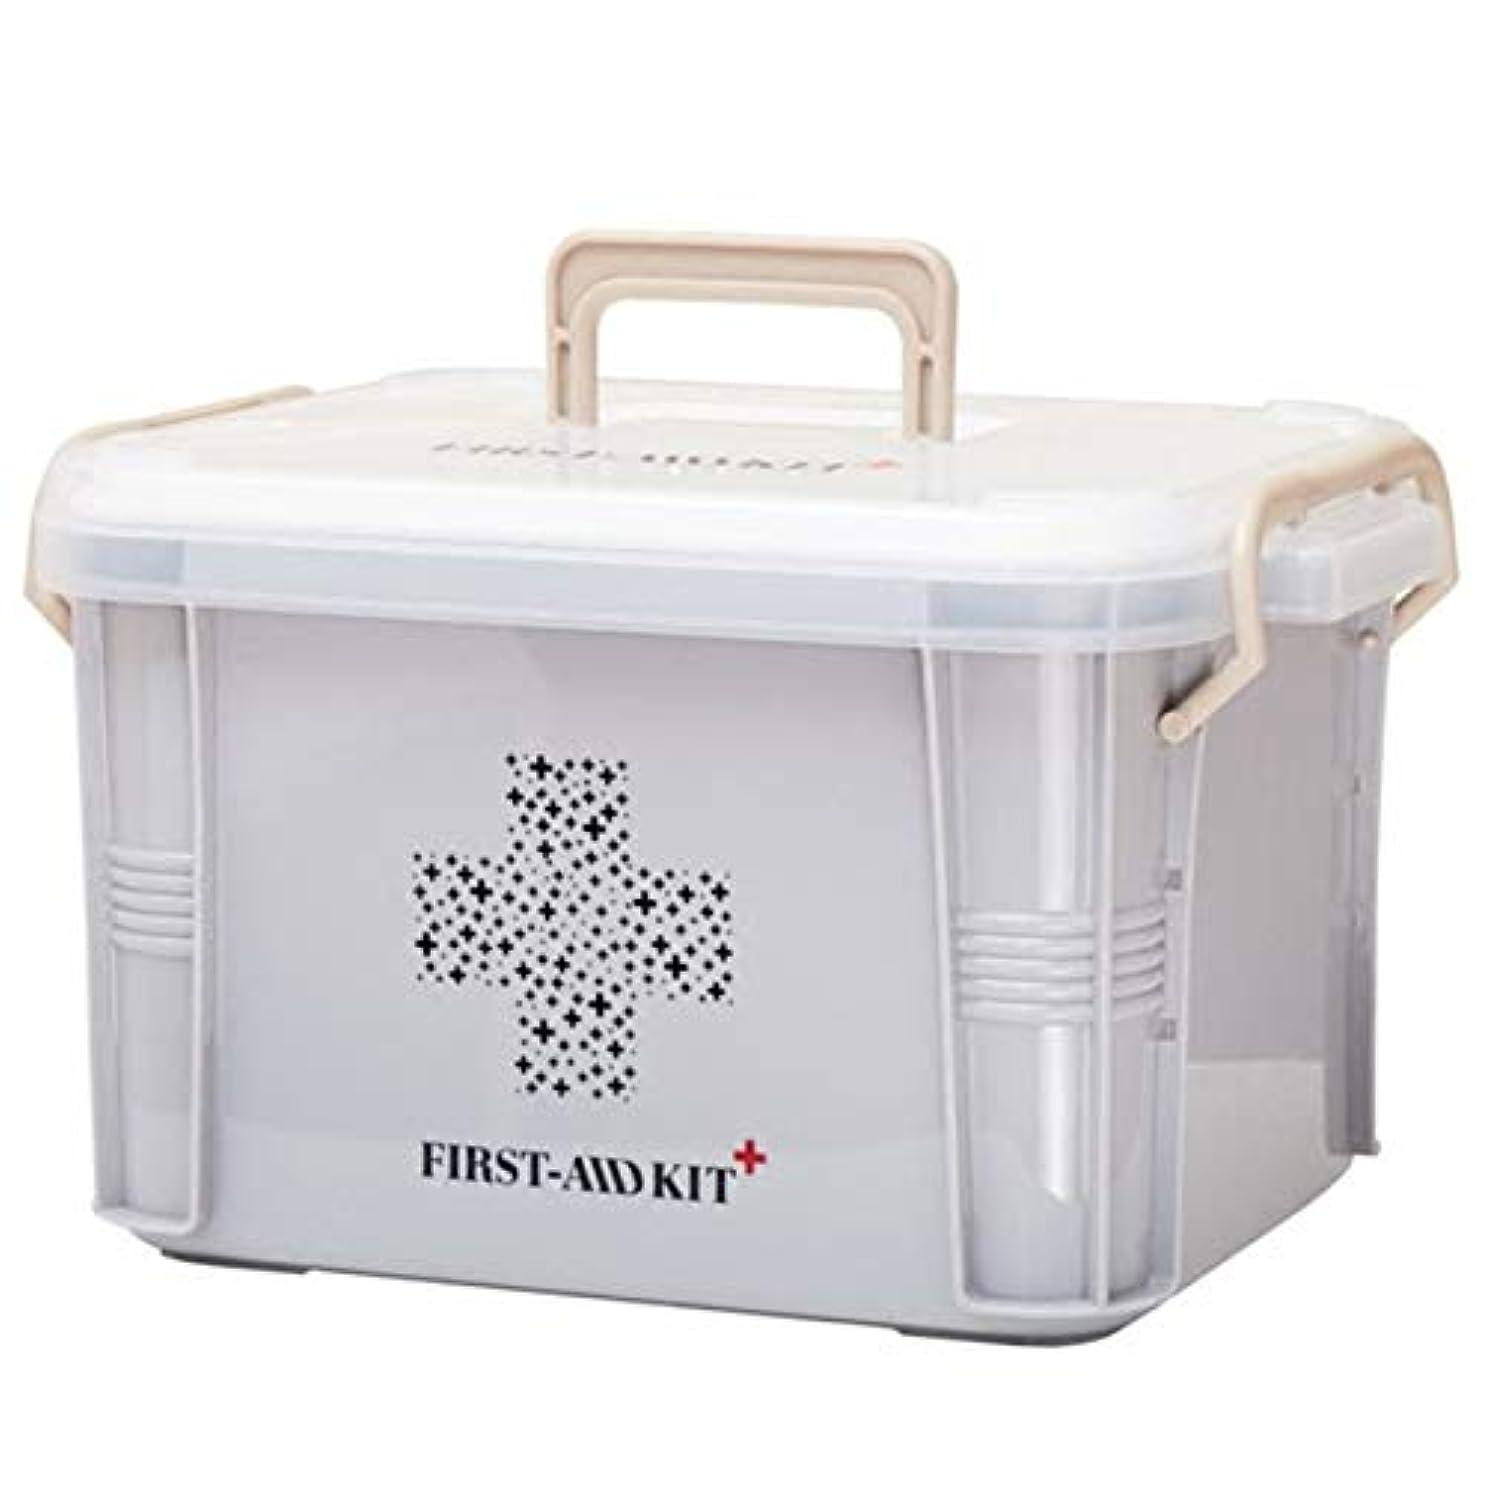 戻る忍耐ネイティブSaikogoods コンパクトサイズのホーム用薬箱ファーストエイドキットボックスプラスチック容器救急キット大容量ストレージオーガナイザー グレー L